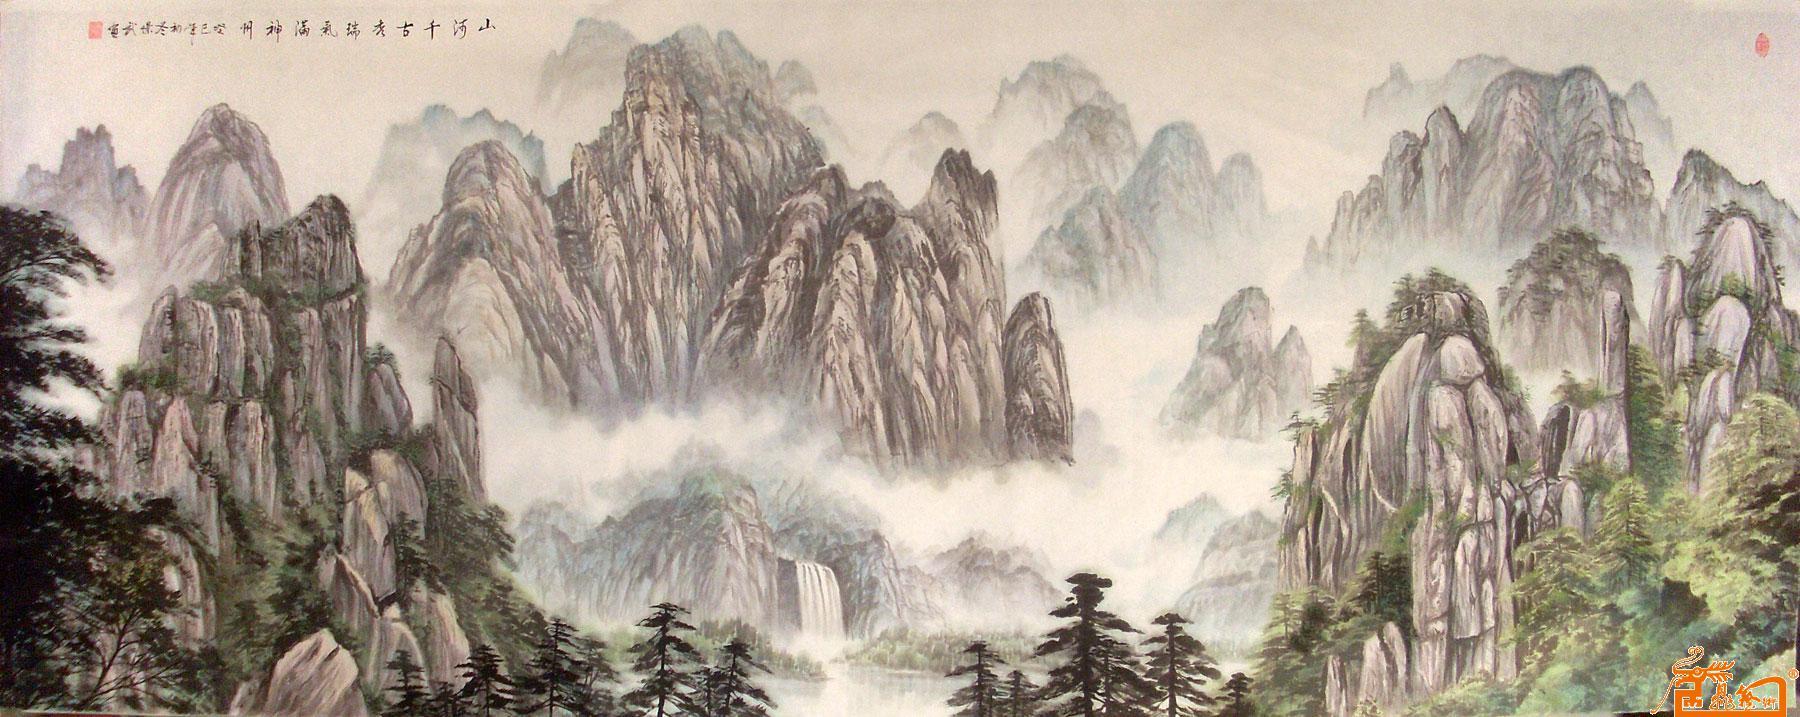 山河祥云雕塑背景画